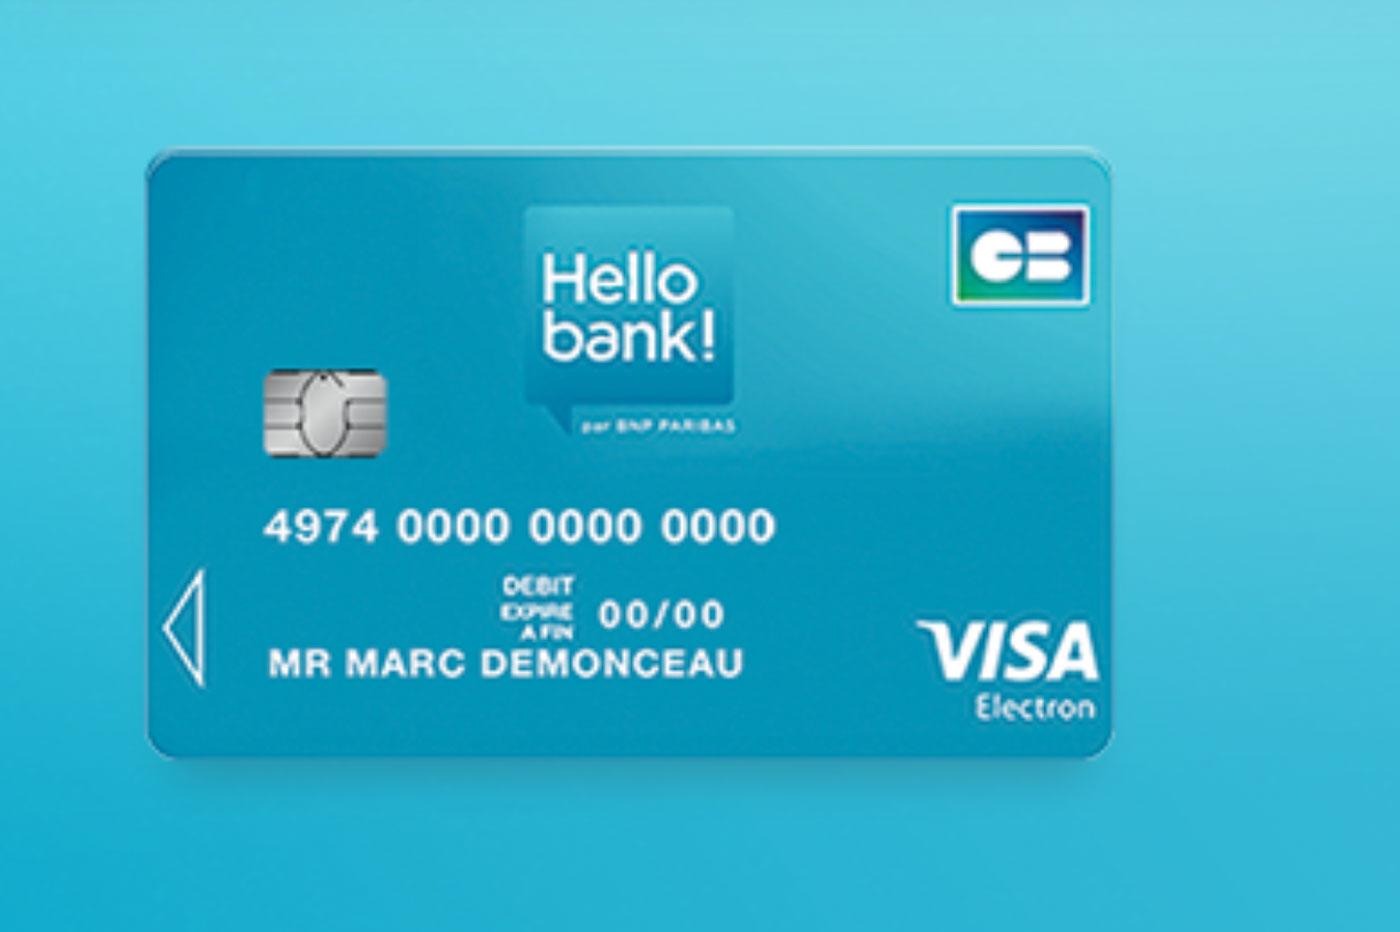 carte visa electron hello bank prix